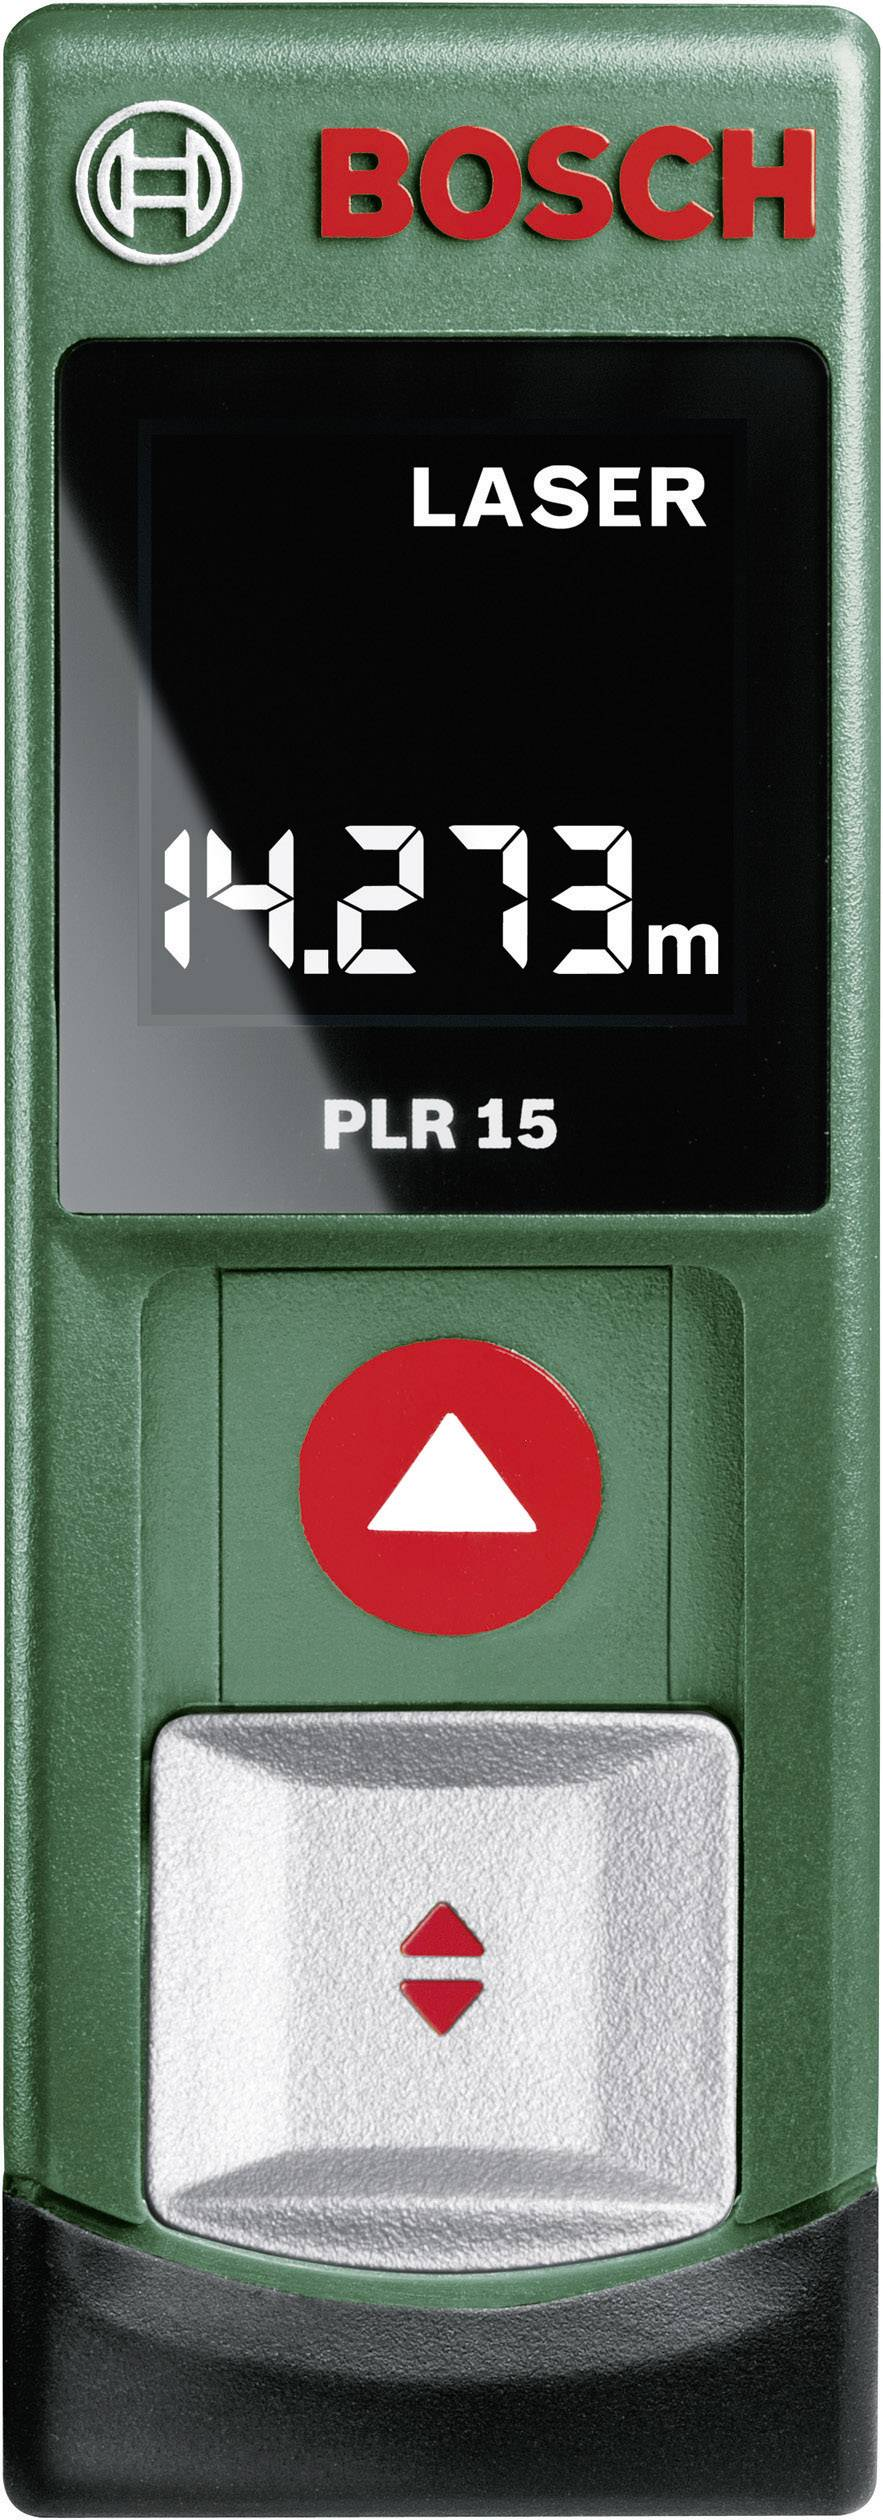 Laserovýdiaľkomer Bosch Home and Garden PLR 15 0603672001, rozsah merania (max.) 15 m